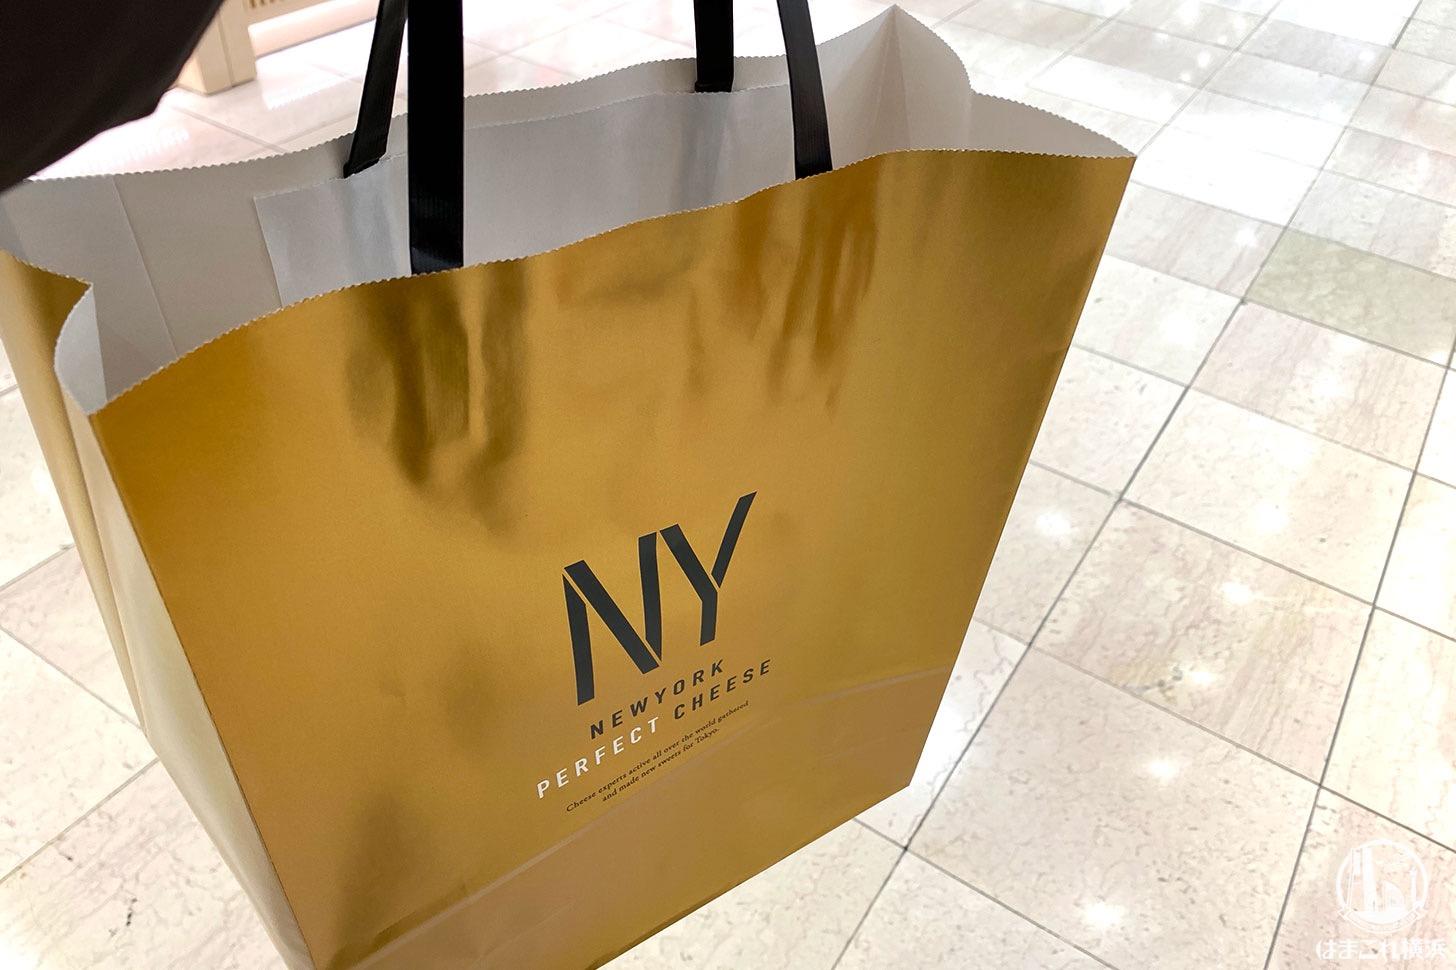 ニューヨークパーフェクトチーズ ショップバッグ